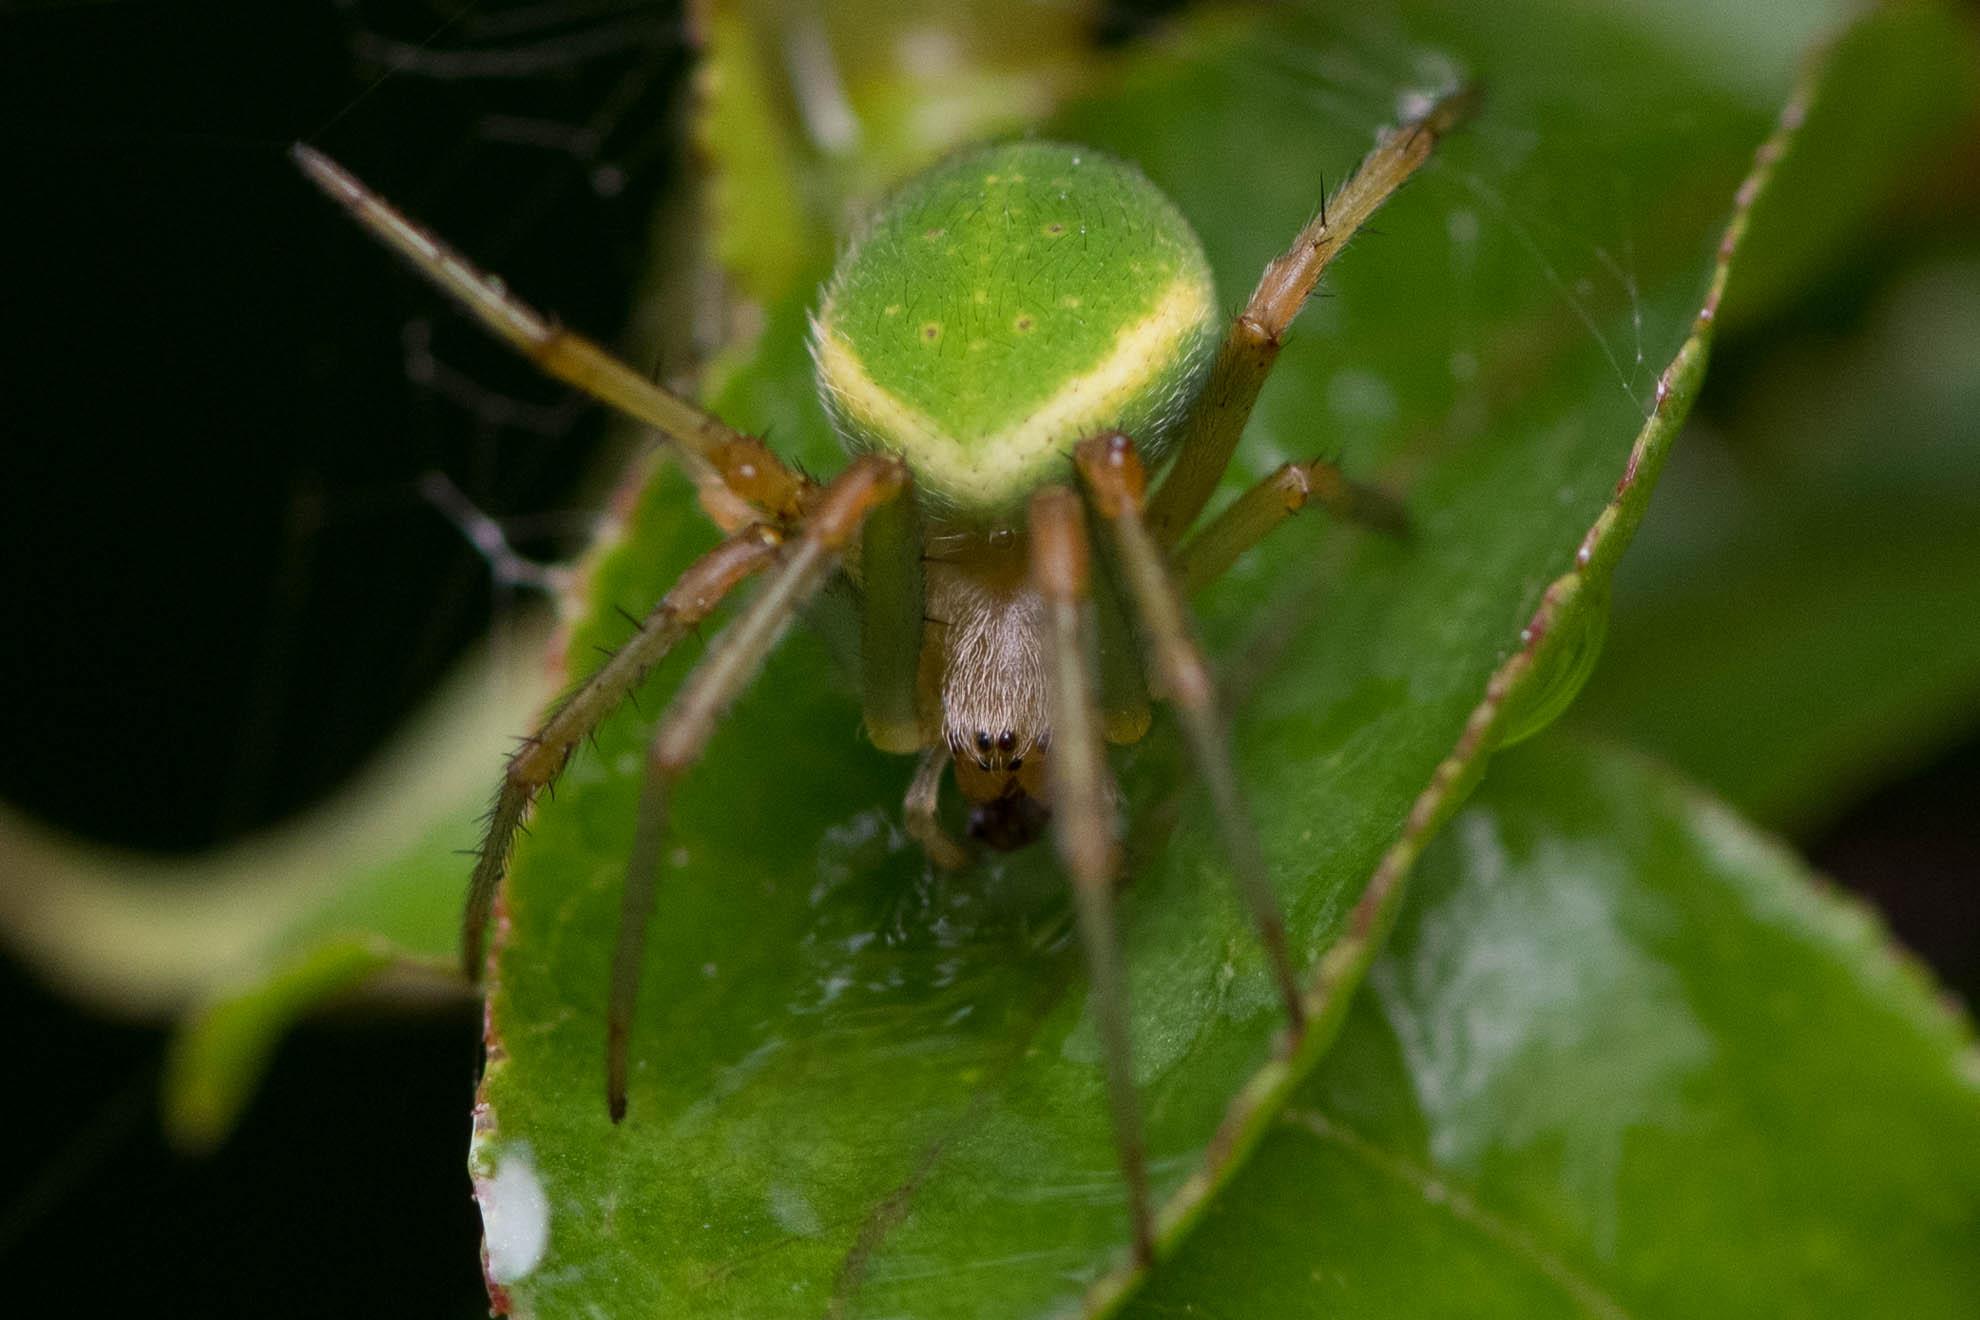 体が緑色の蜘蛛のサツマノミダマシ